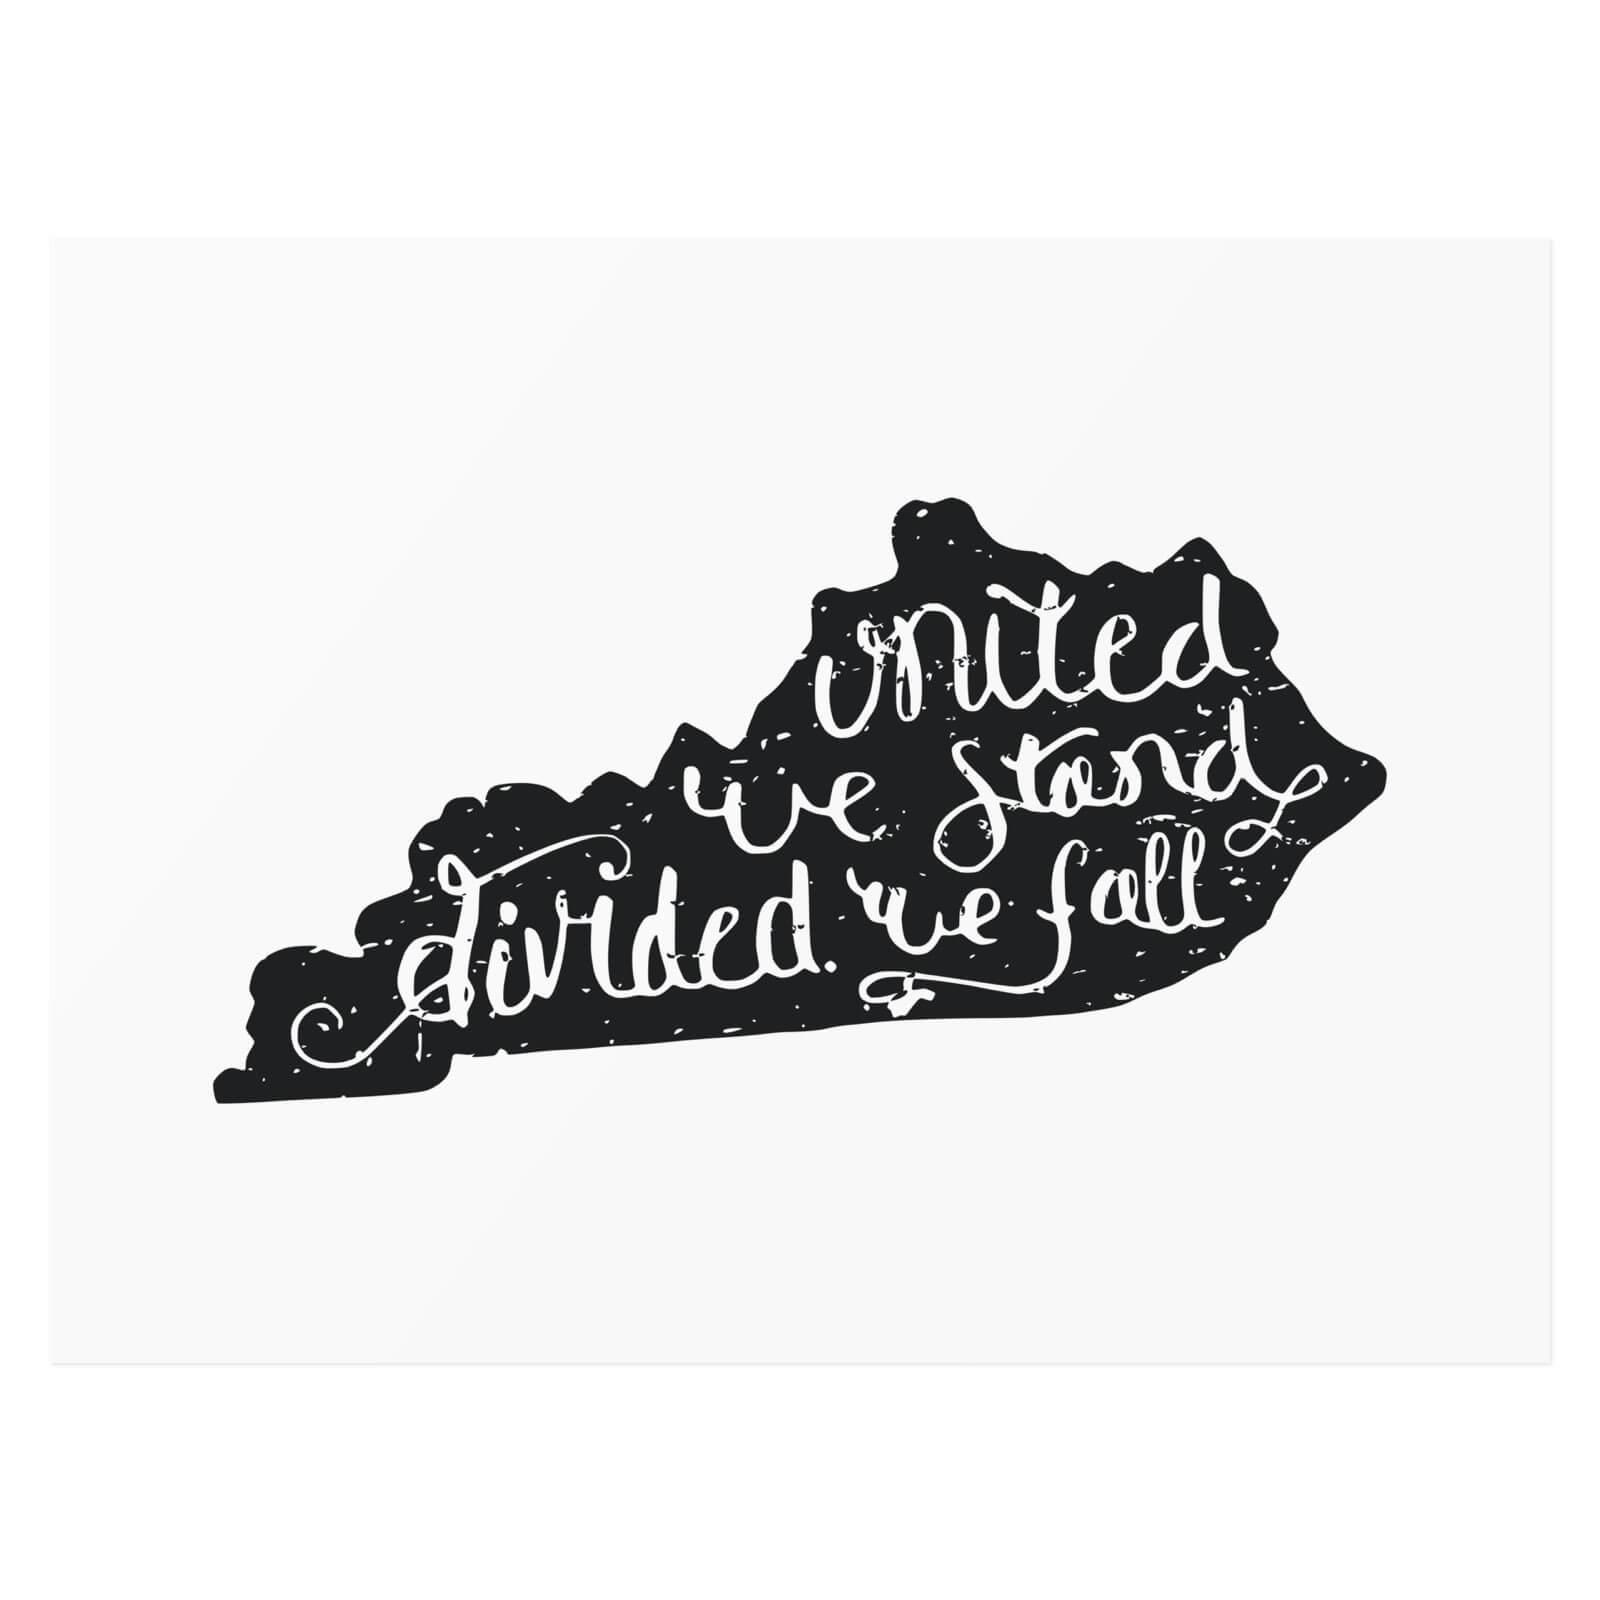 Image of Kentucky